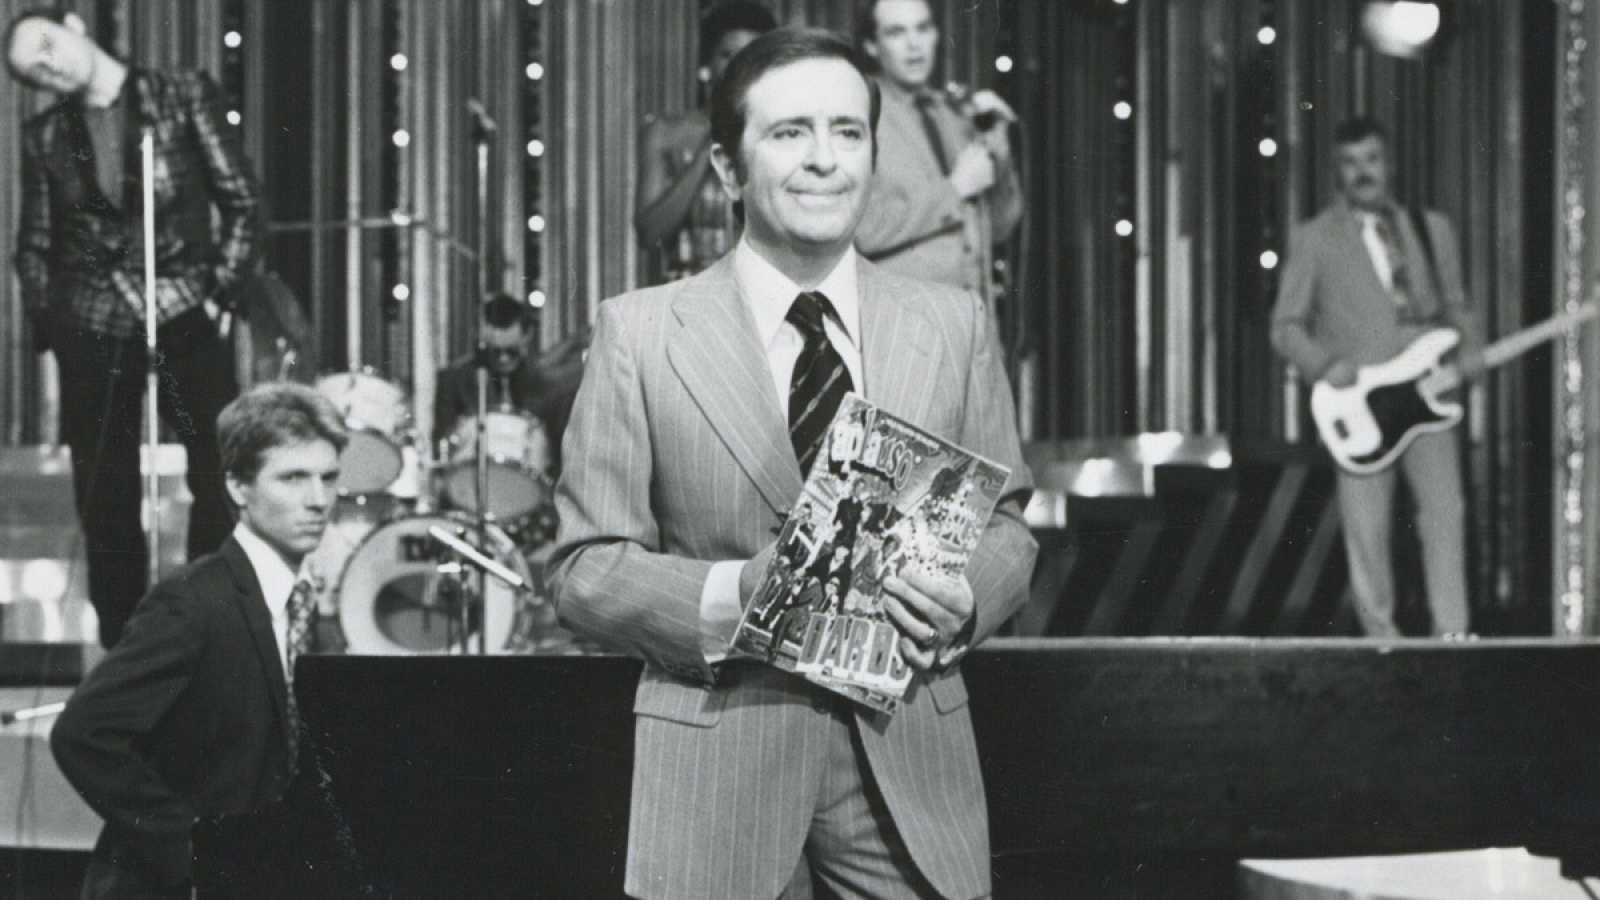 Imagen en plató de José Luis Uribarri, director de 'Aplauso' y también presentador del programa en sus comienzos